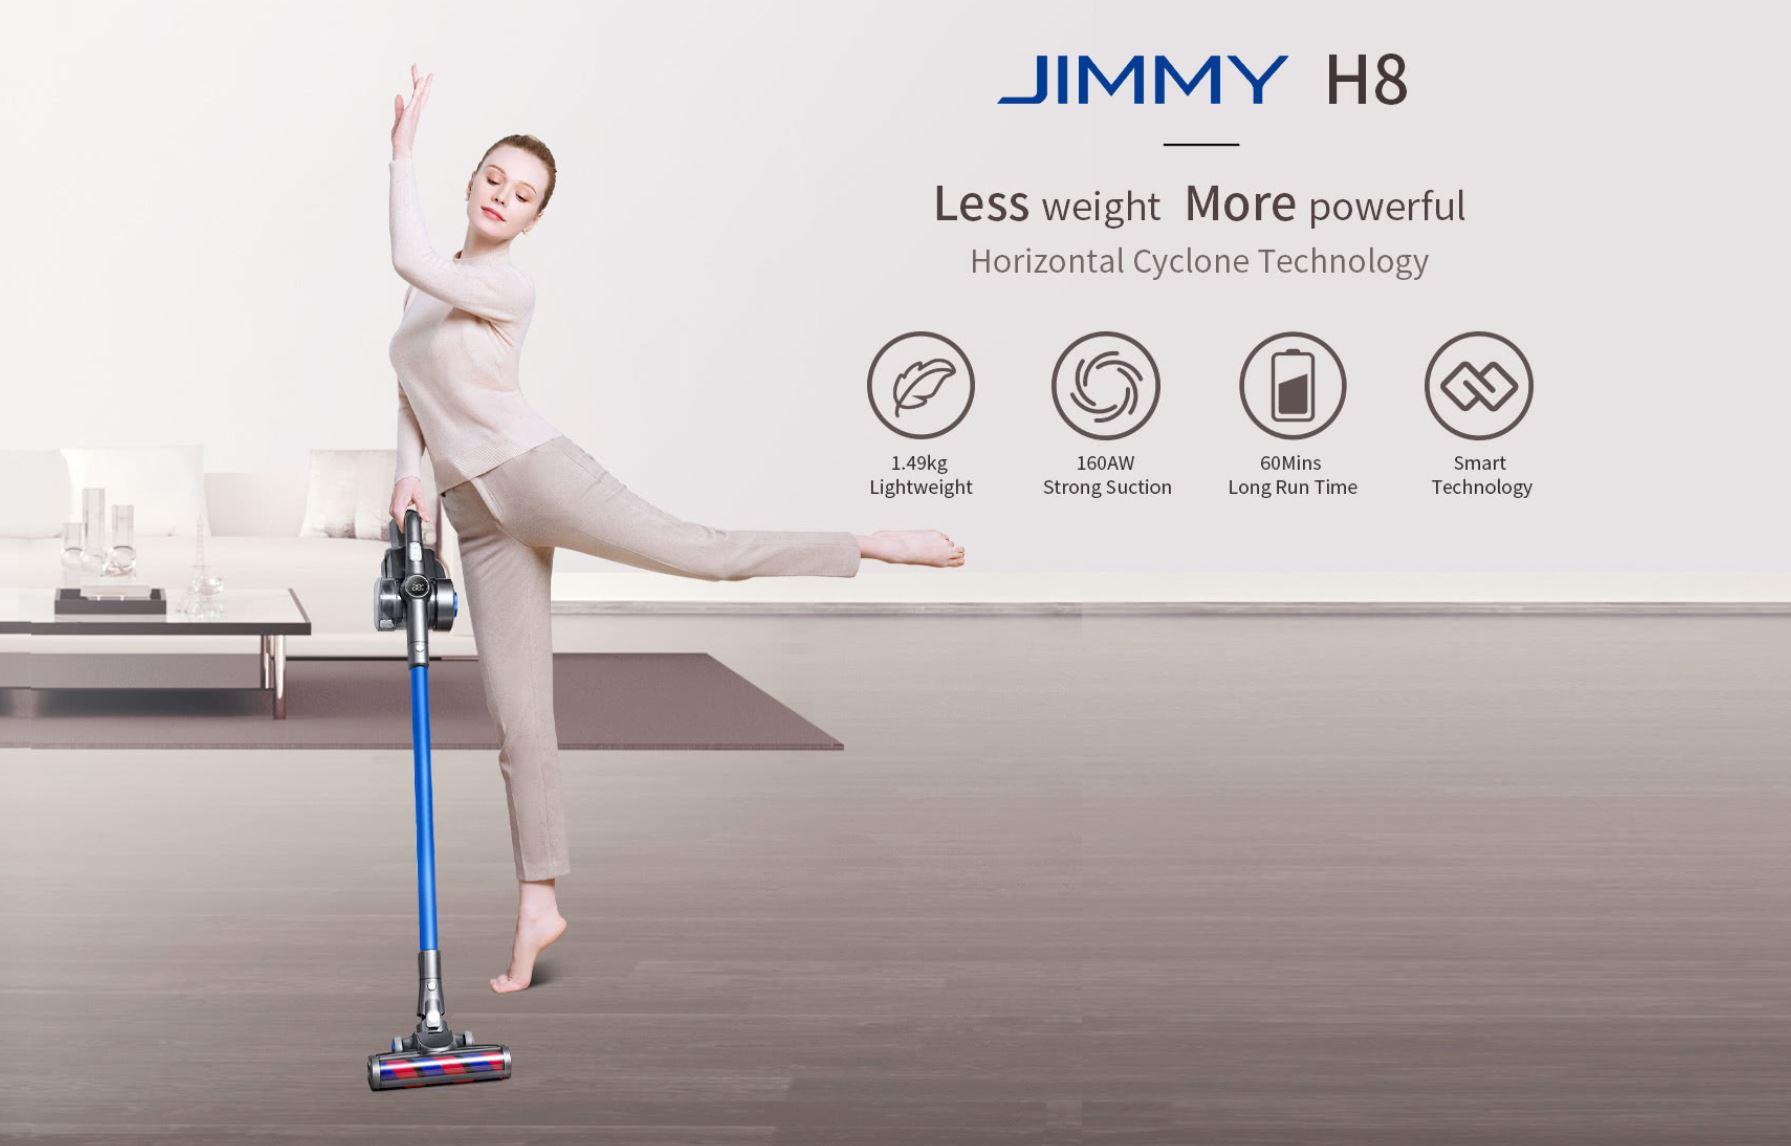 Promocja nowej serii odkurzaczy Jimmy w geekbuying.com - Jimmy H8